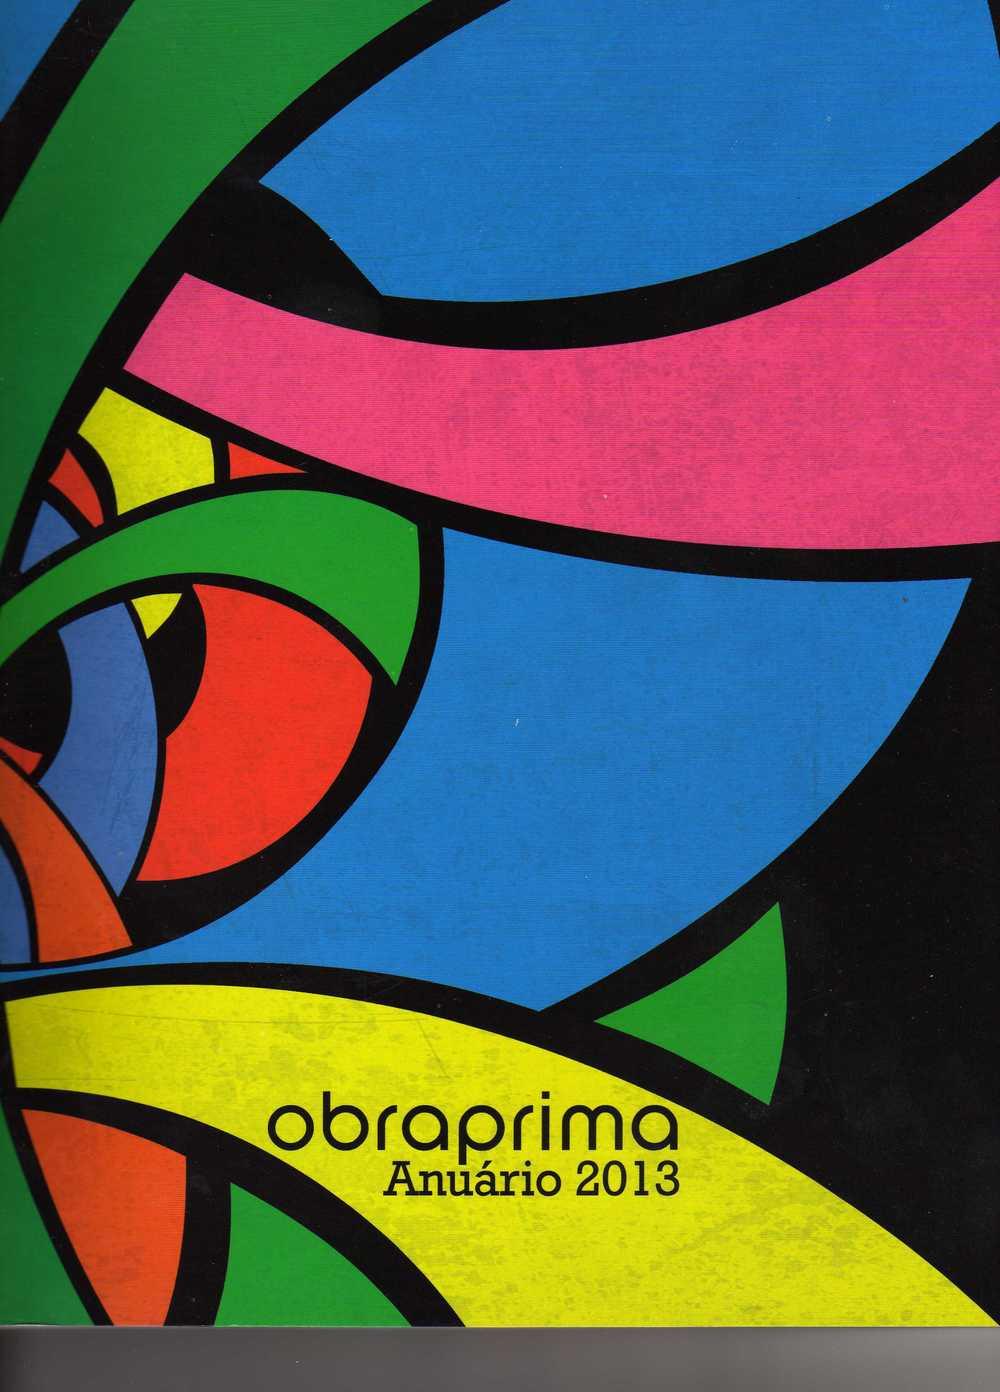 Revista Obra Prima - Anuário 2013